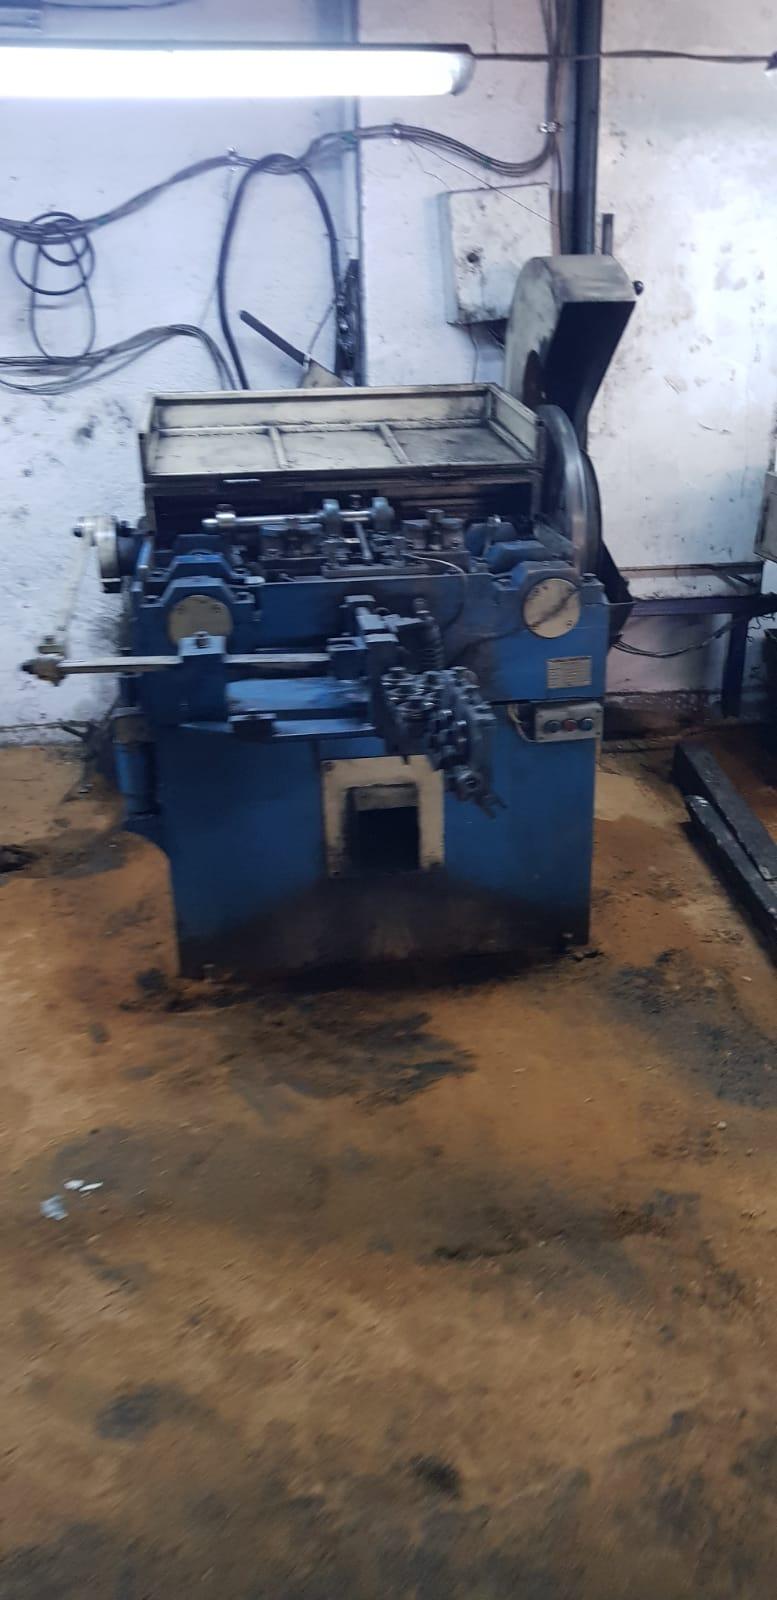 NAILS PRODUCTION LINE MACHINE